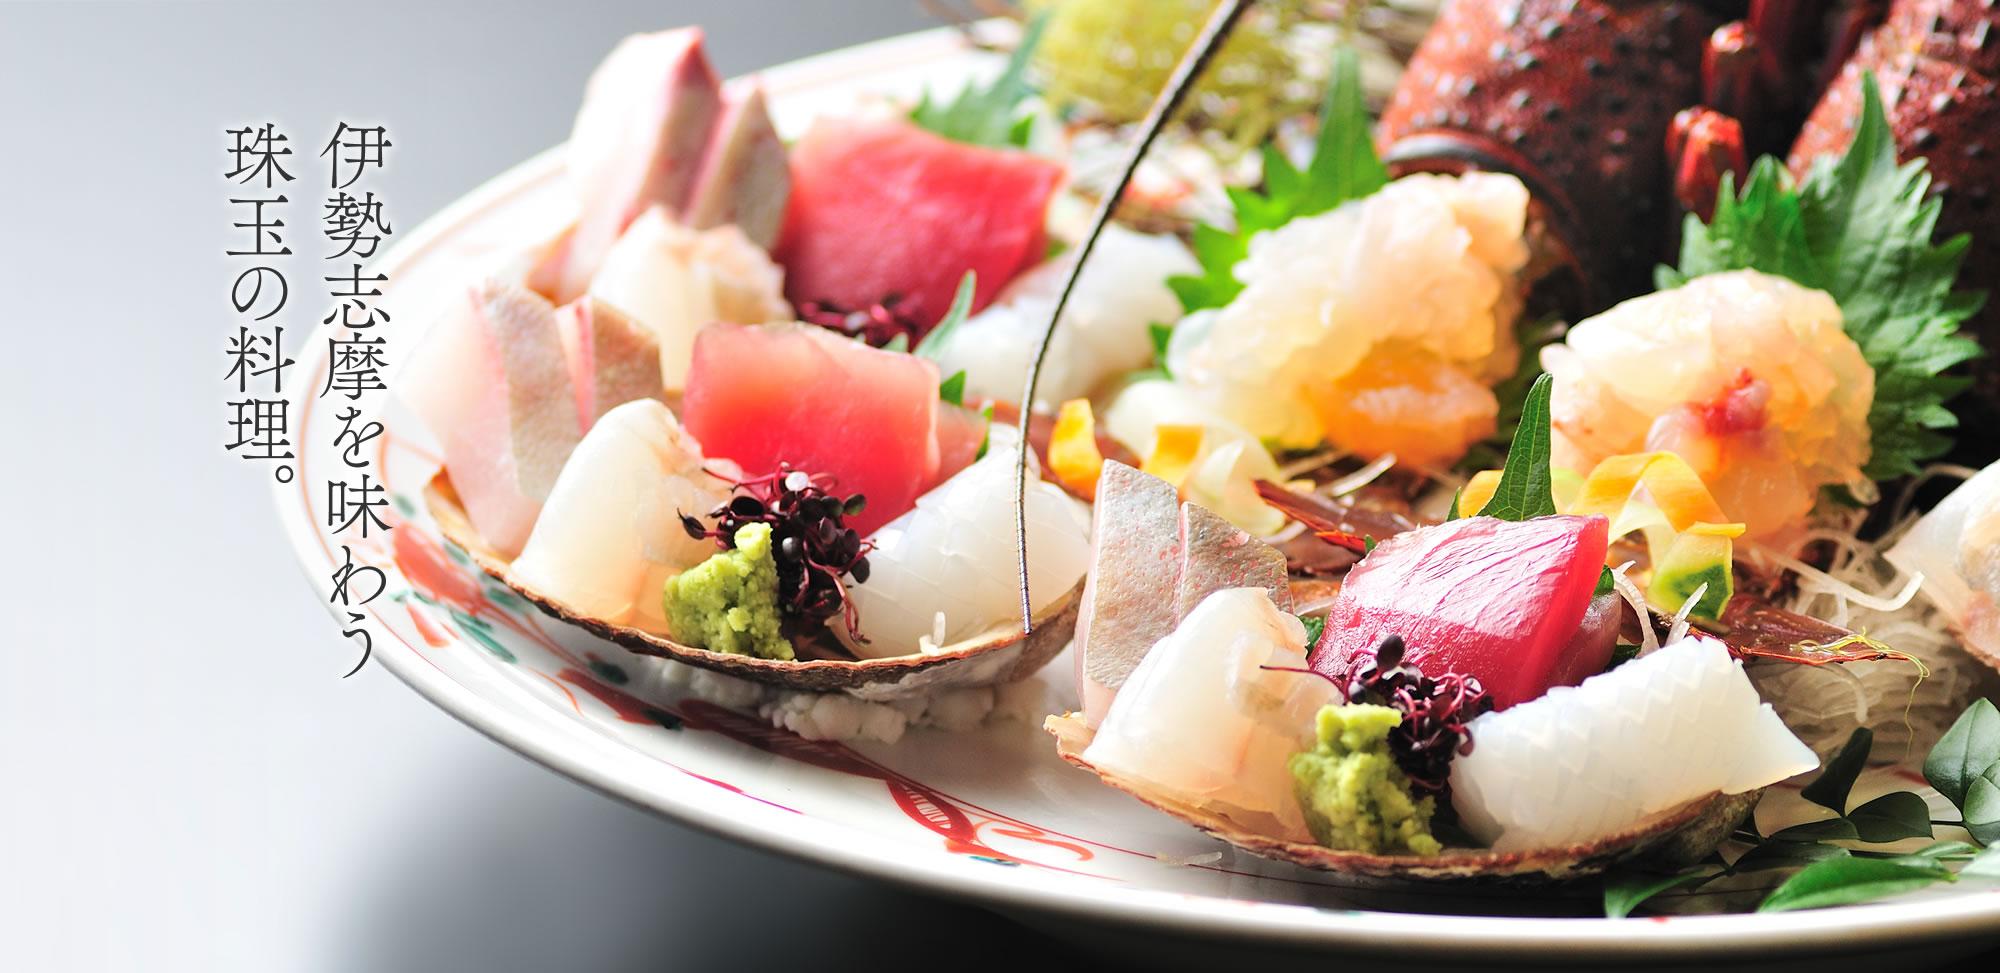 伊勢志摩を味わう珠玉の料理。